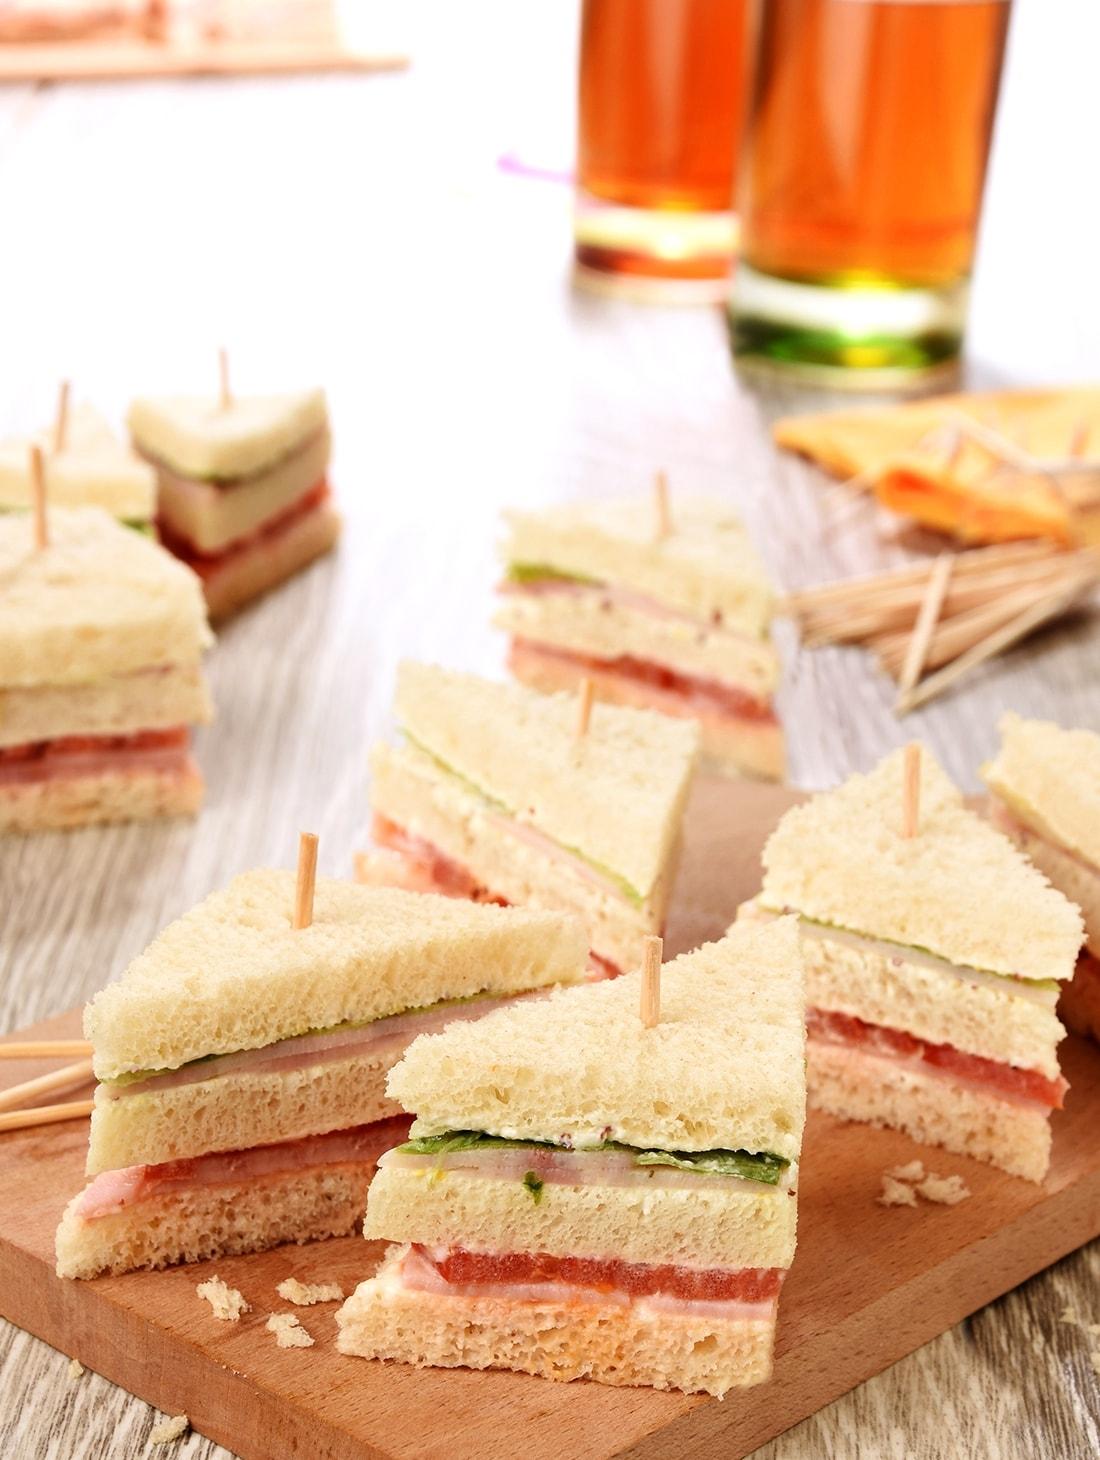 64 Mini Clubs sandwiches